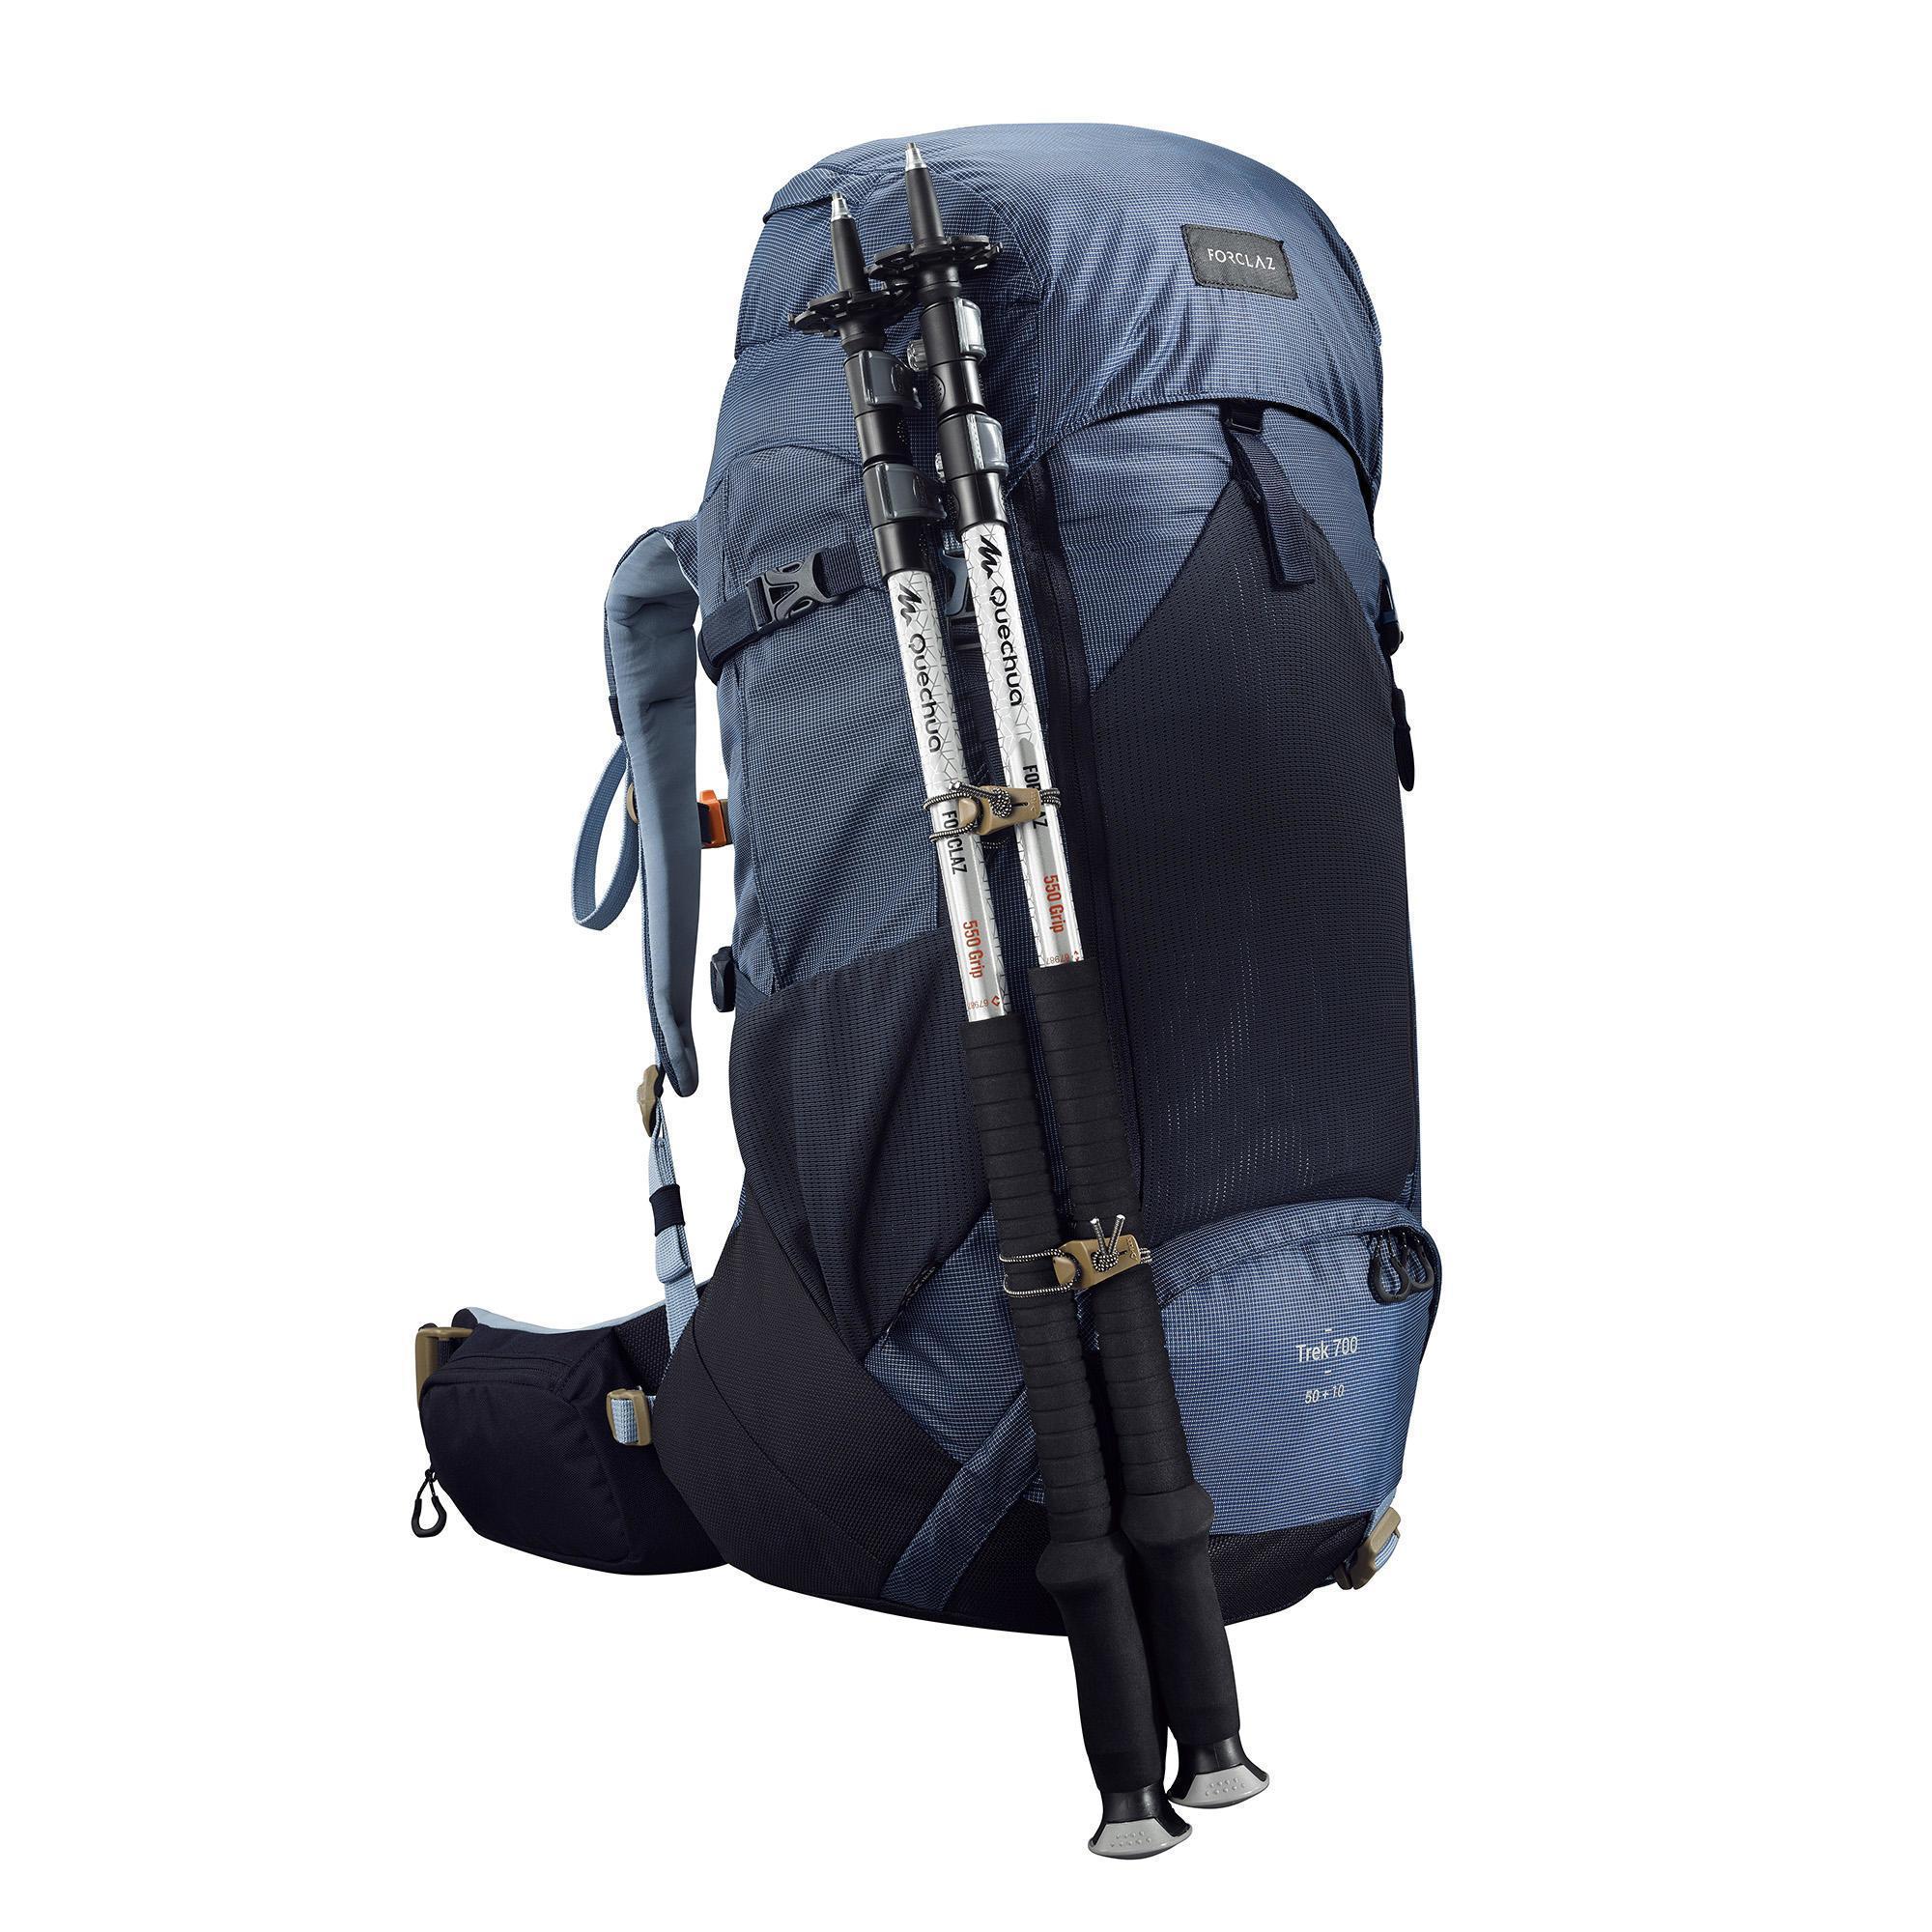 b6b5c0f3b40 Forclaz Backpack voor bergtrekking voor dames Trek 700 50+10L blauw kopen  met voordeel